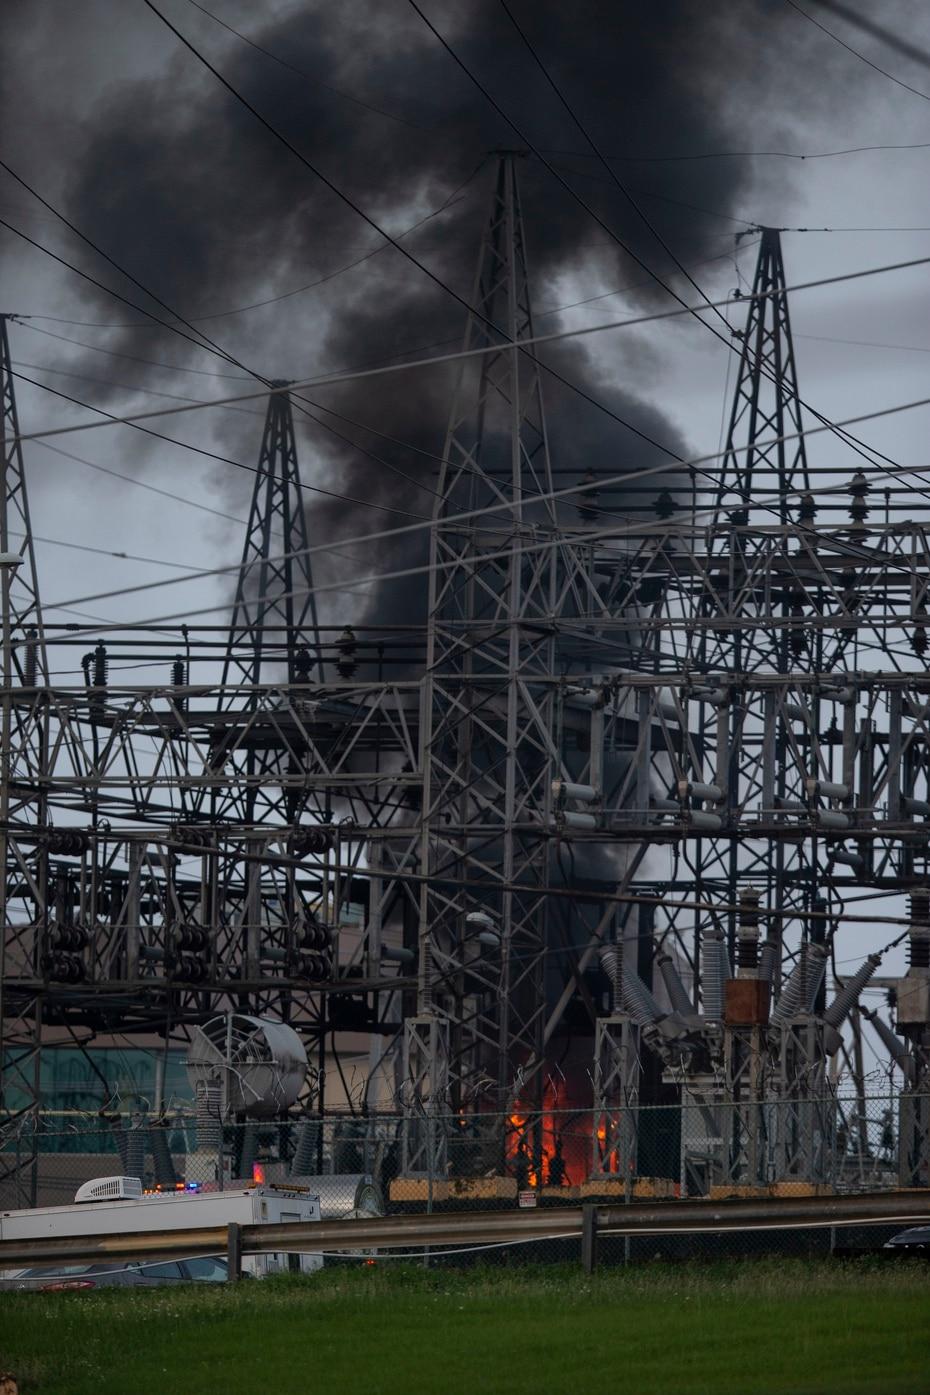 Según mensajes en las redes sociales y vídeos publicados, parte de la instalación que distribuye la electricidad de varias líneas principales se prendió en fuego.